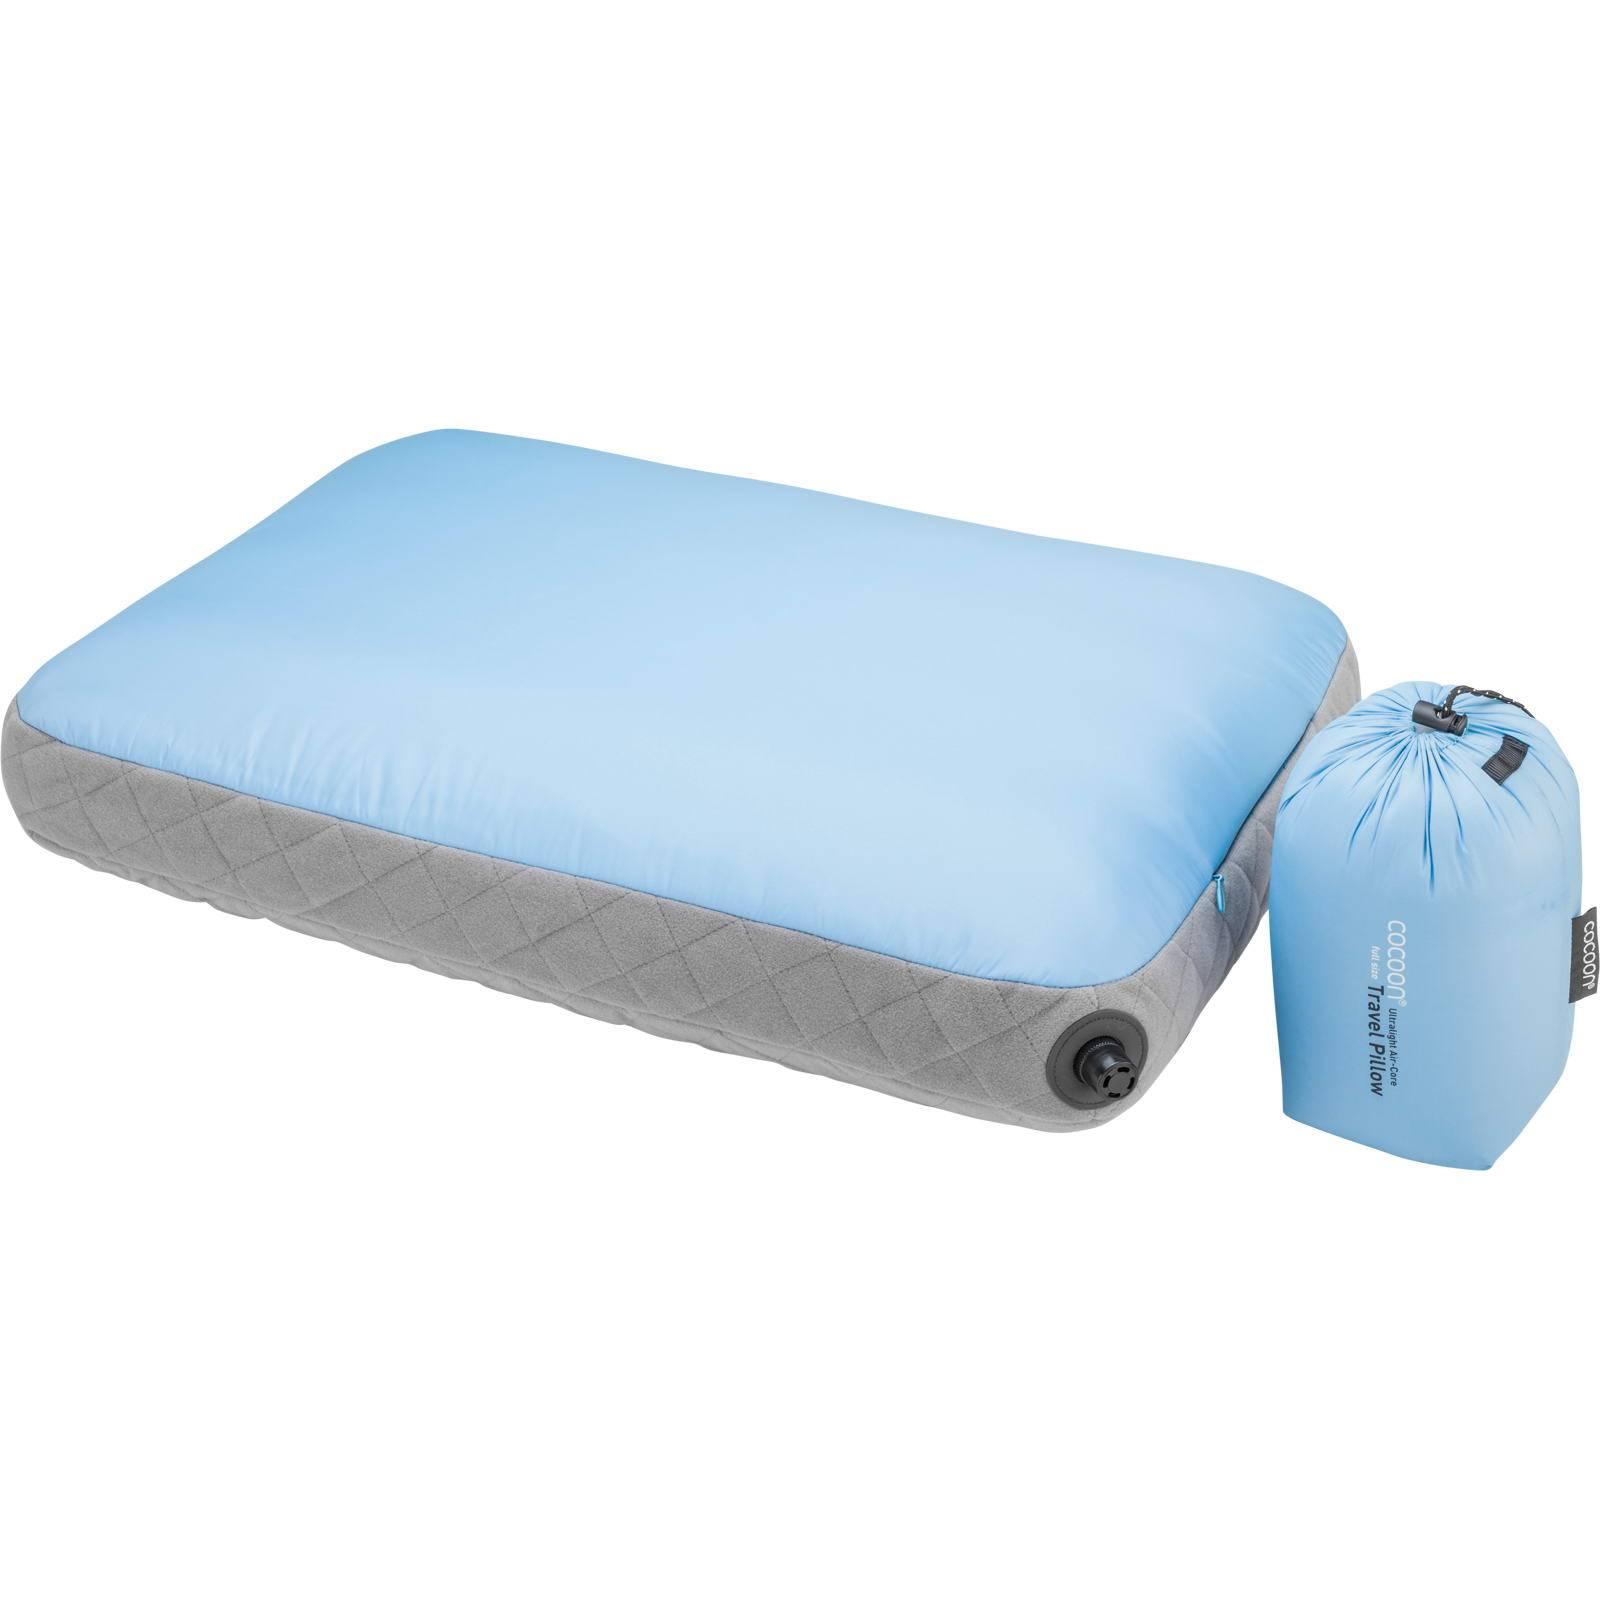 COCOON Air-Core Pillow Ultralight Large - Reise-Kopfkissen light blue-grey - Bild 1